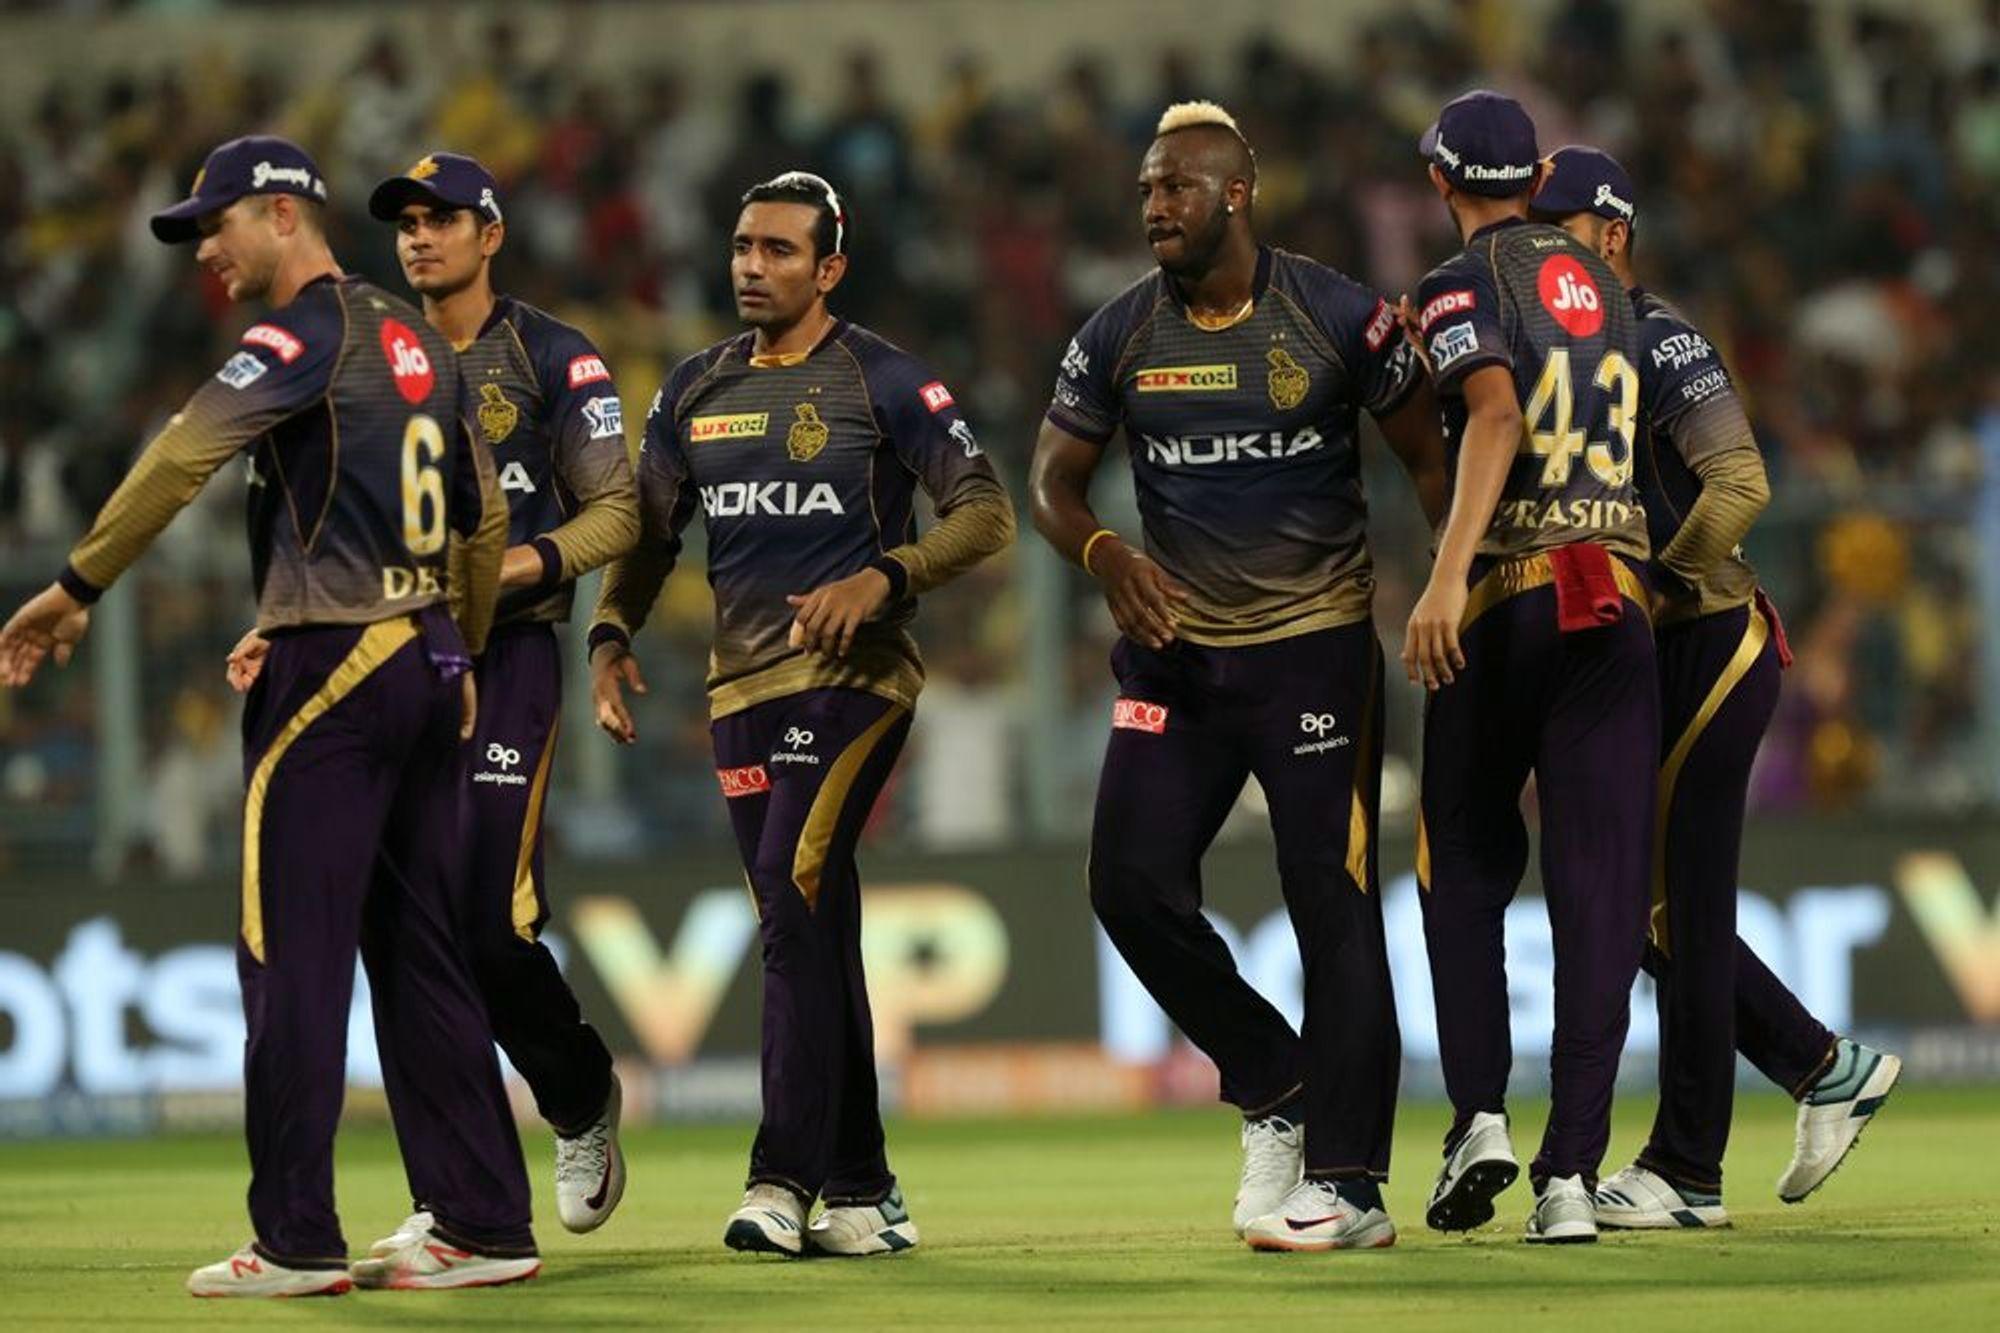 IPL 2019: कोलकाता नाईट राइडर्स के प्लेऑफ में पहुंचने के उम्मीदों को लग सकता है झटका, मैच विनर हुआ चोटिल